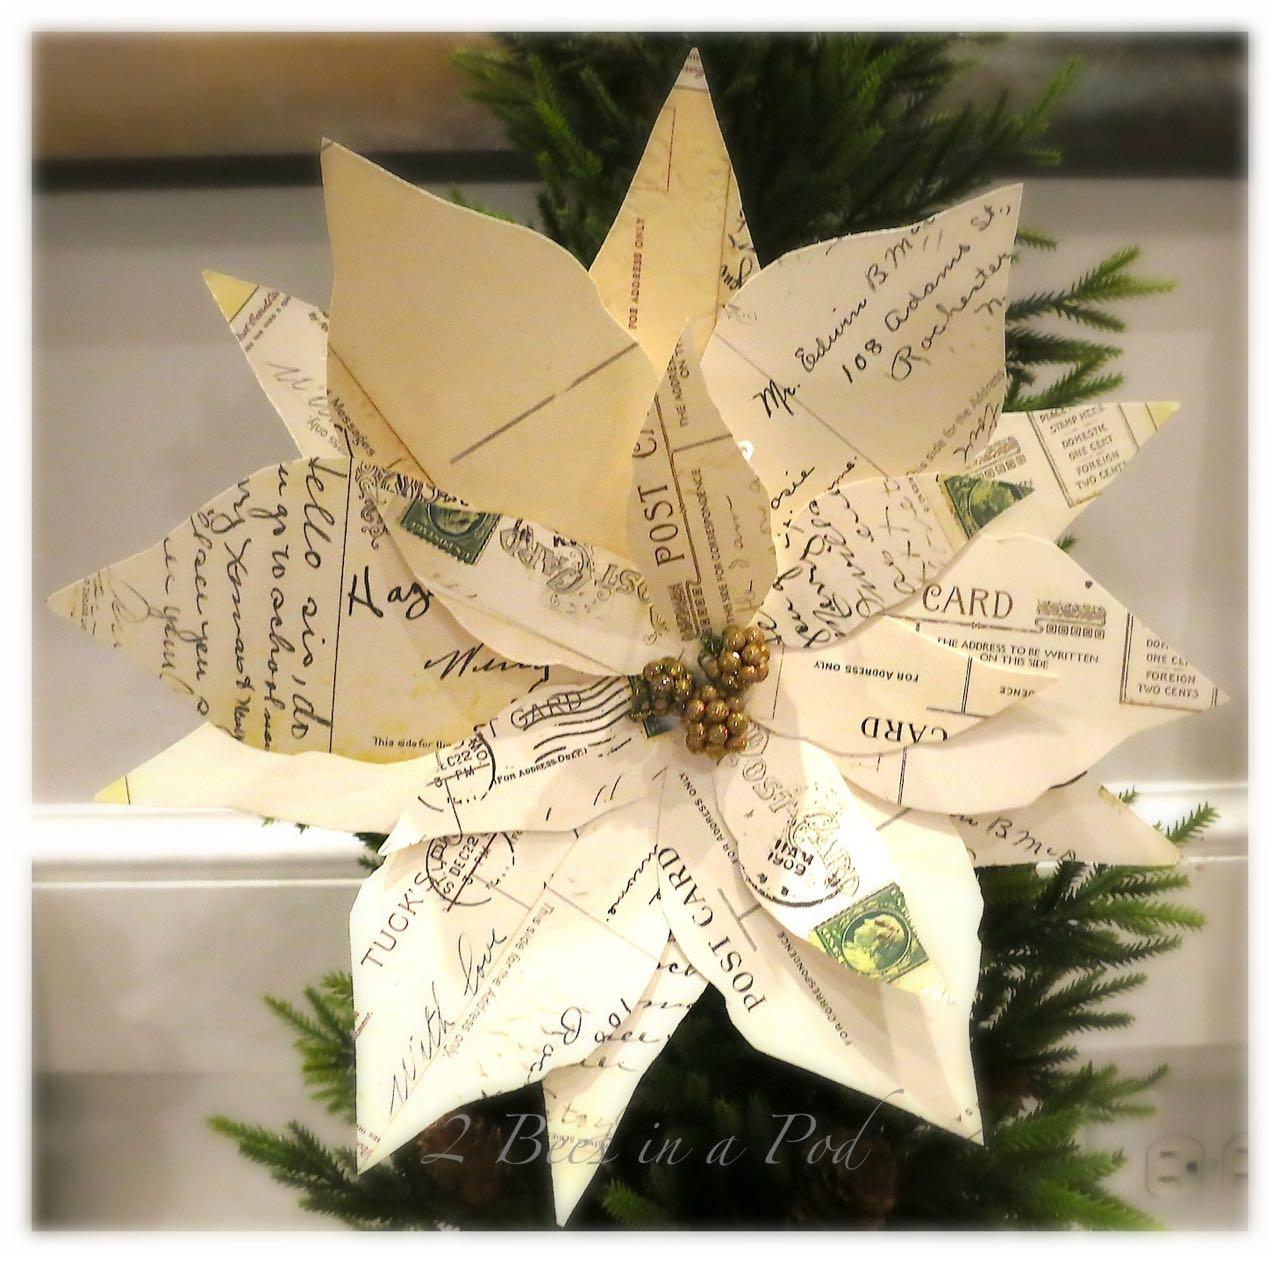 Christmas Present Decorations: Easy To Make Christmas Gift Tags